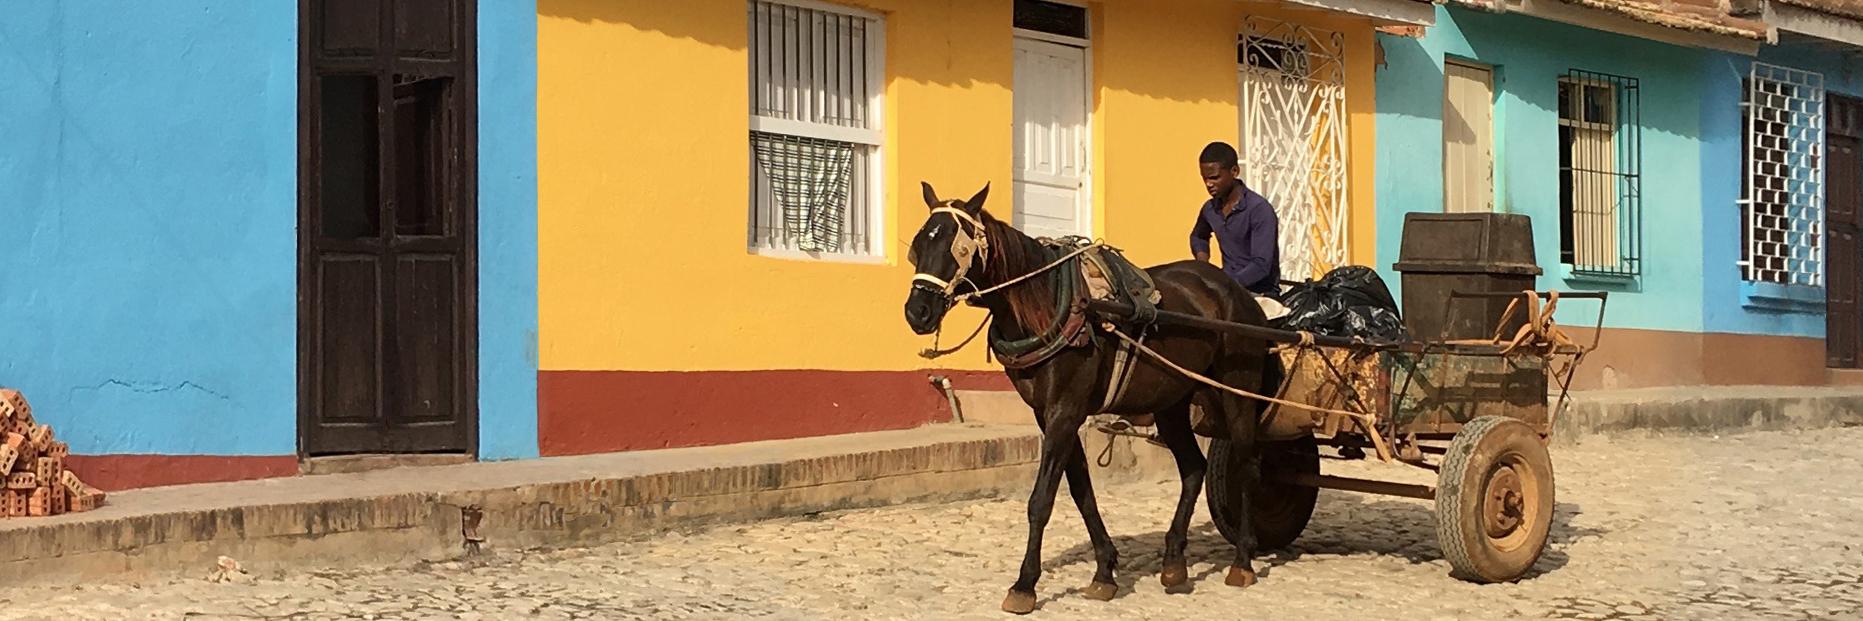 Havana Revisited (4)